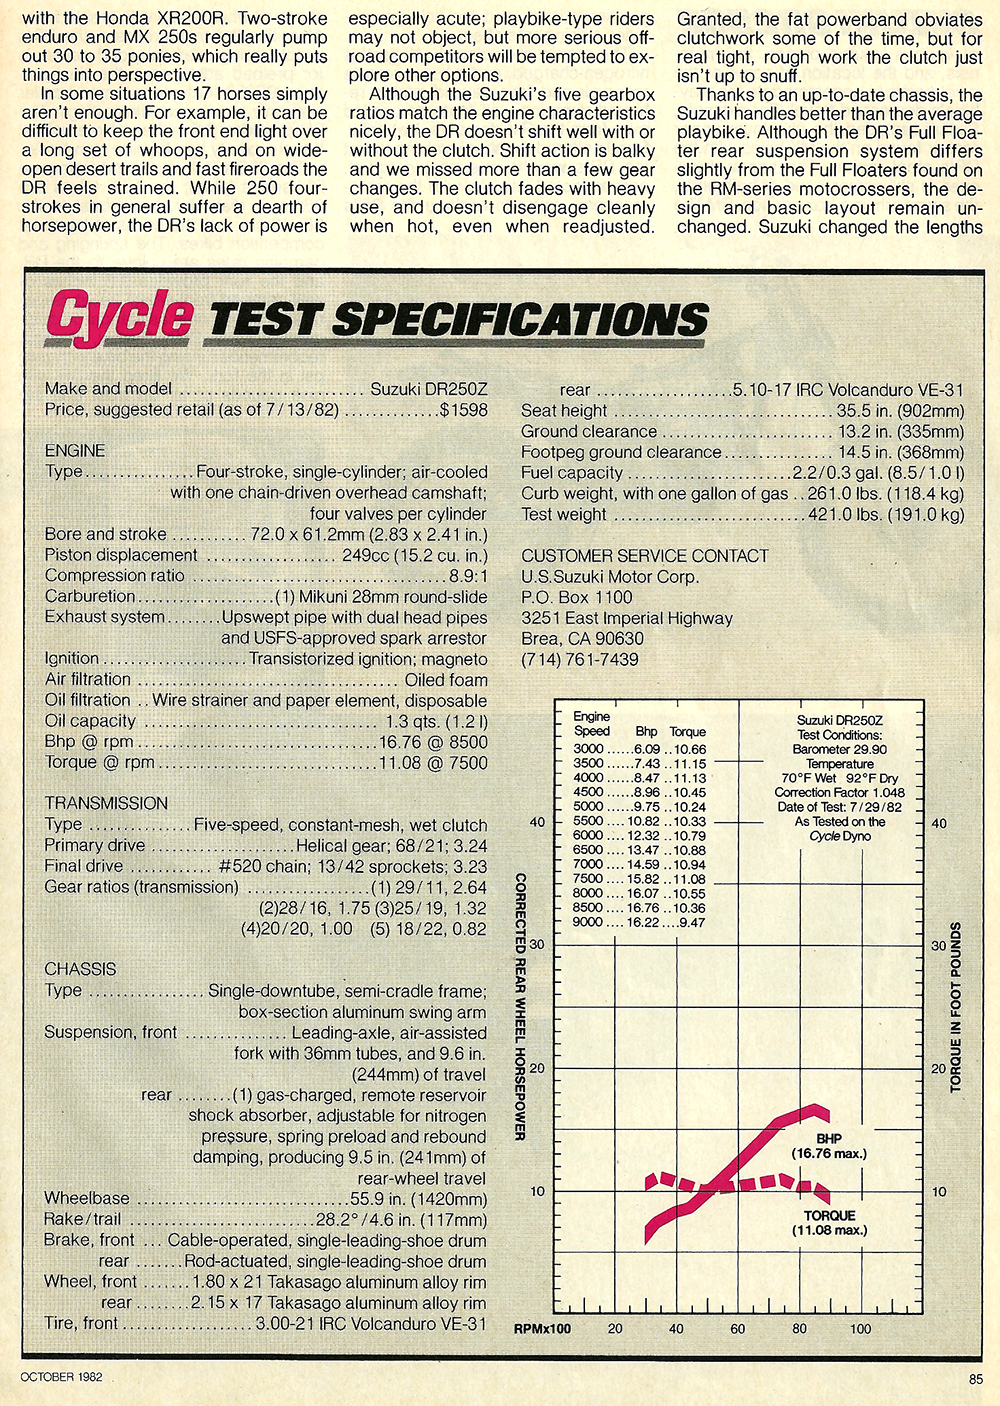 1982 Suzuki DR250Z road test 6.jpg